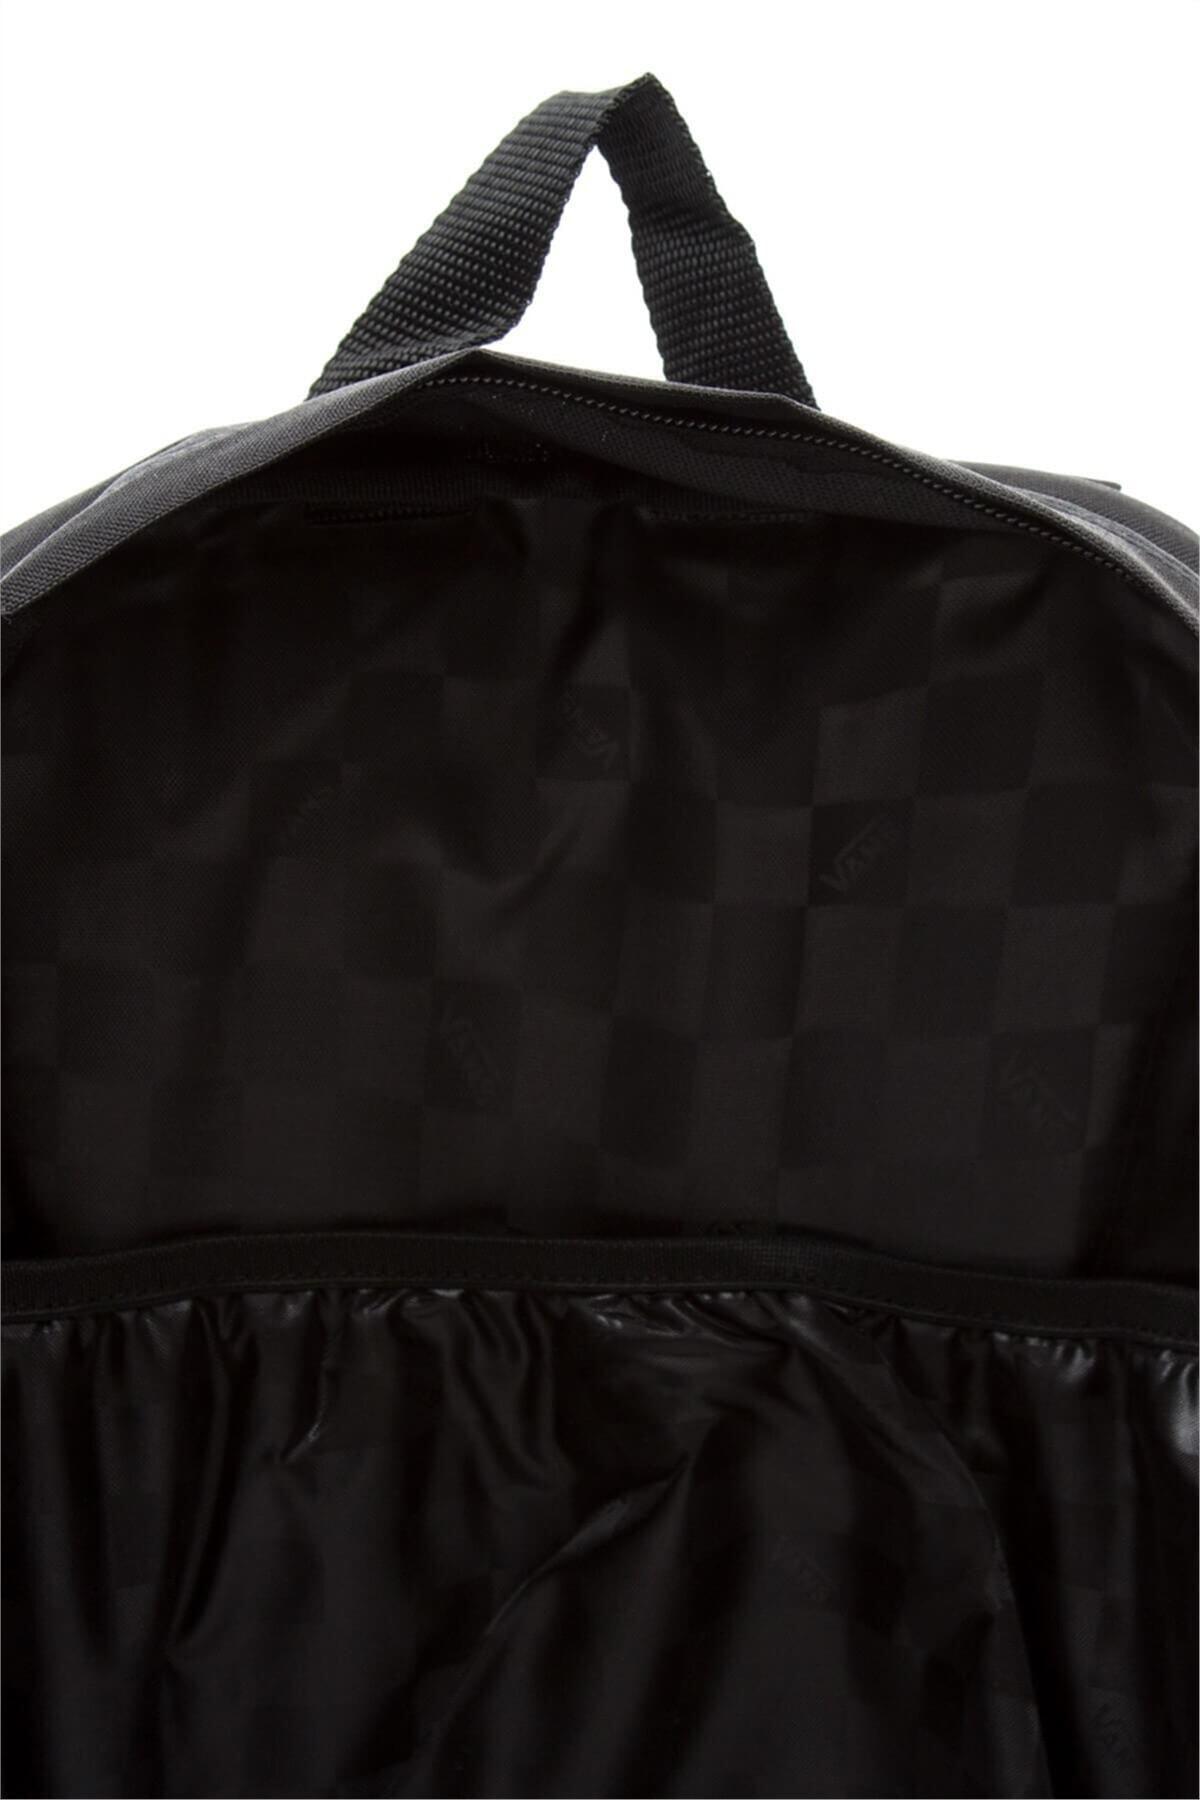 Vans Realm Backpack Siyah Unisex Sırt Çantası 100384797 2